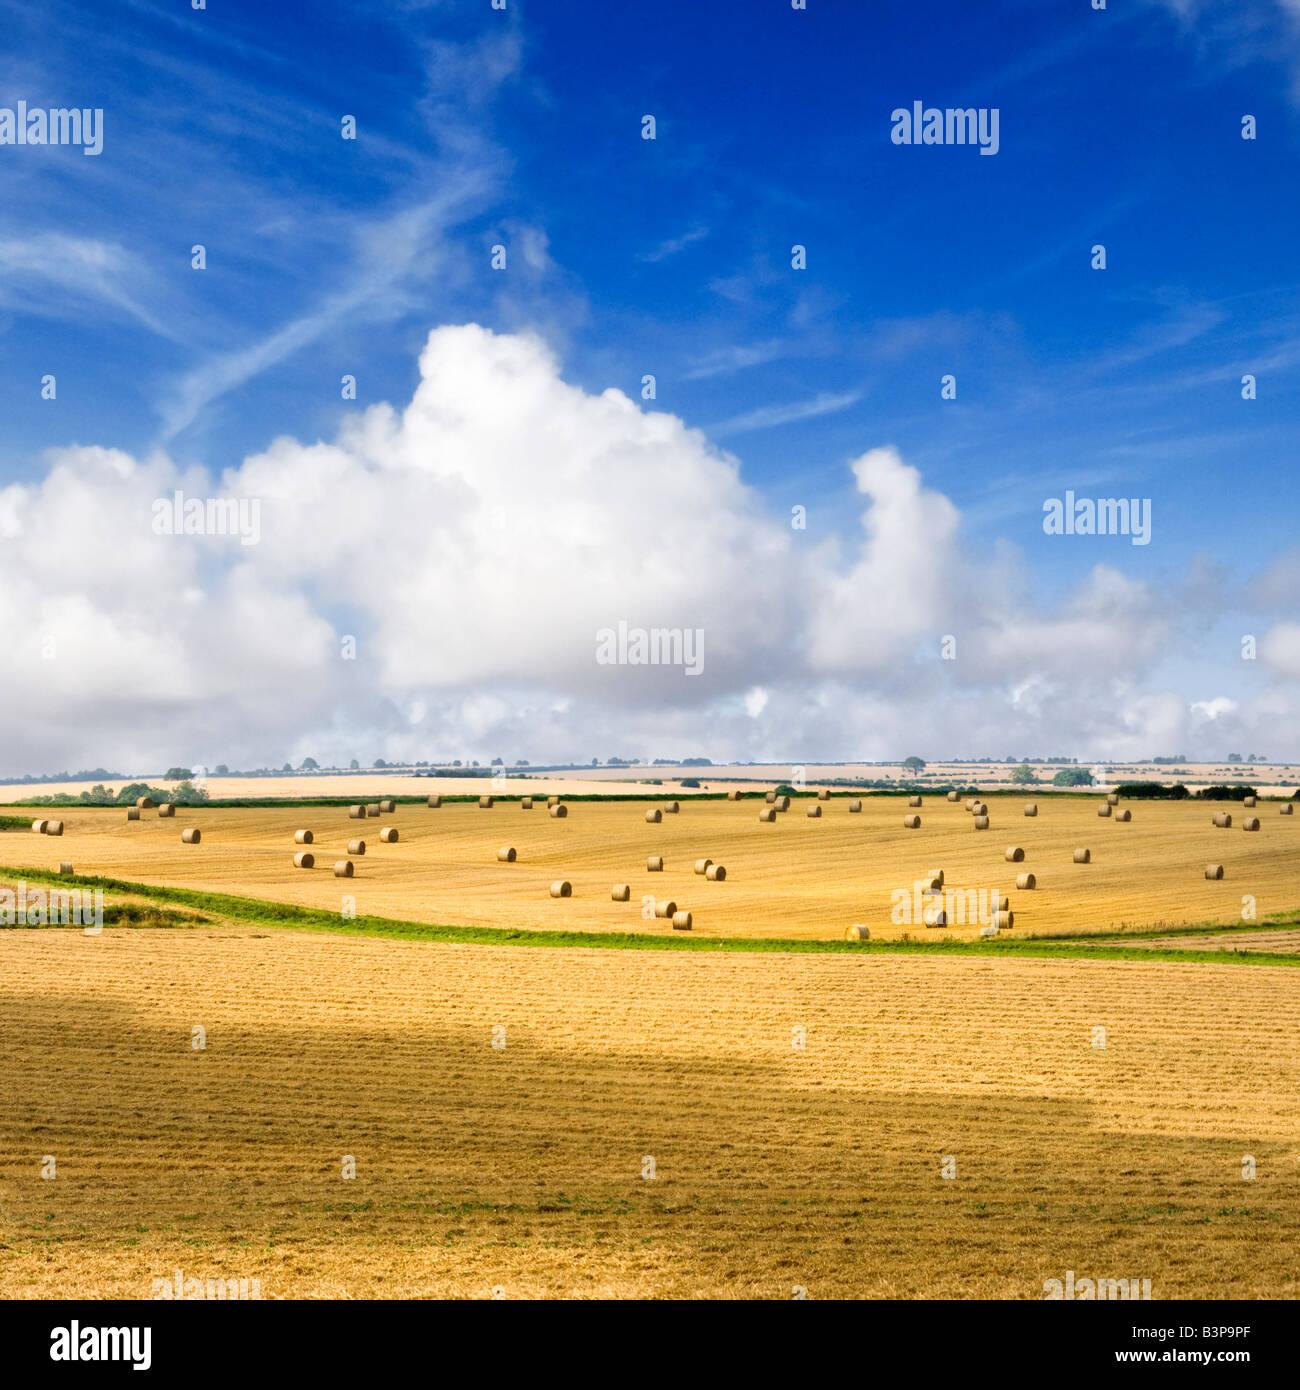 Countryside immagini countryside fotos stock alamy for Piani di casa di balla di fieno